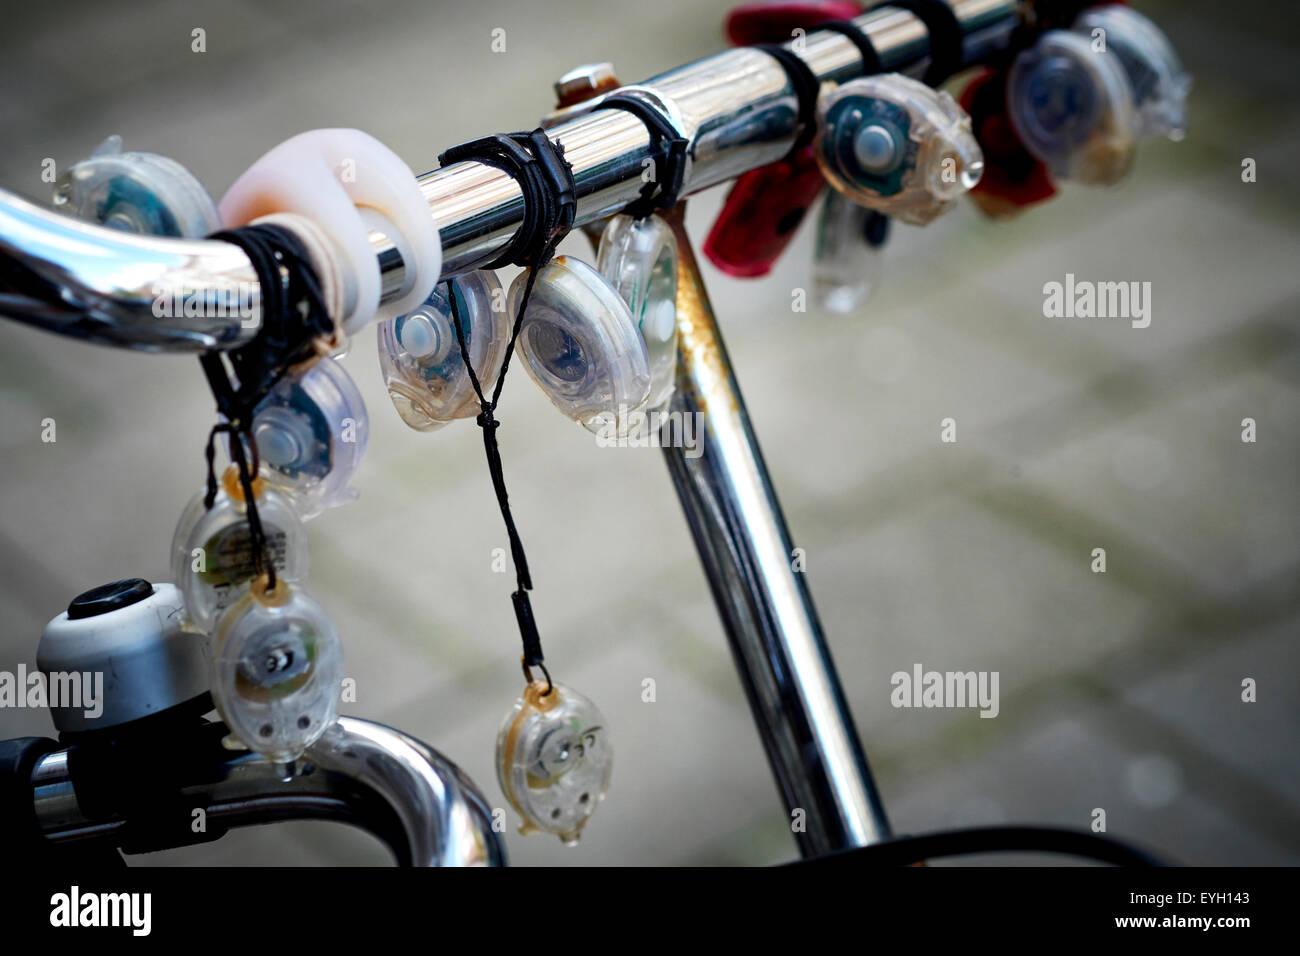 Le luci a LED sulla moto è la ruota dello sterzo Immagini Stock